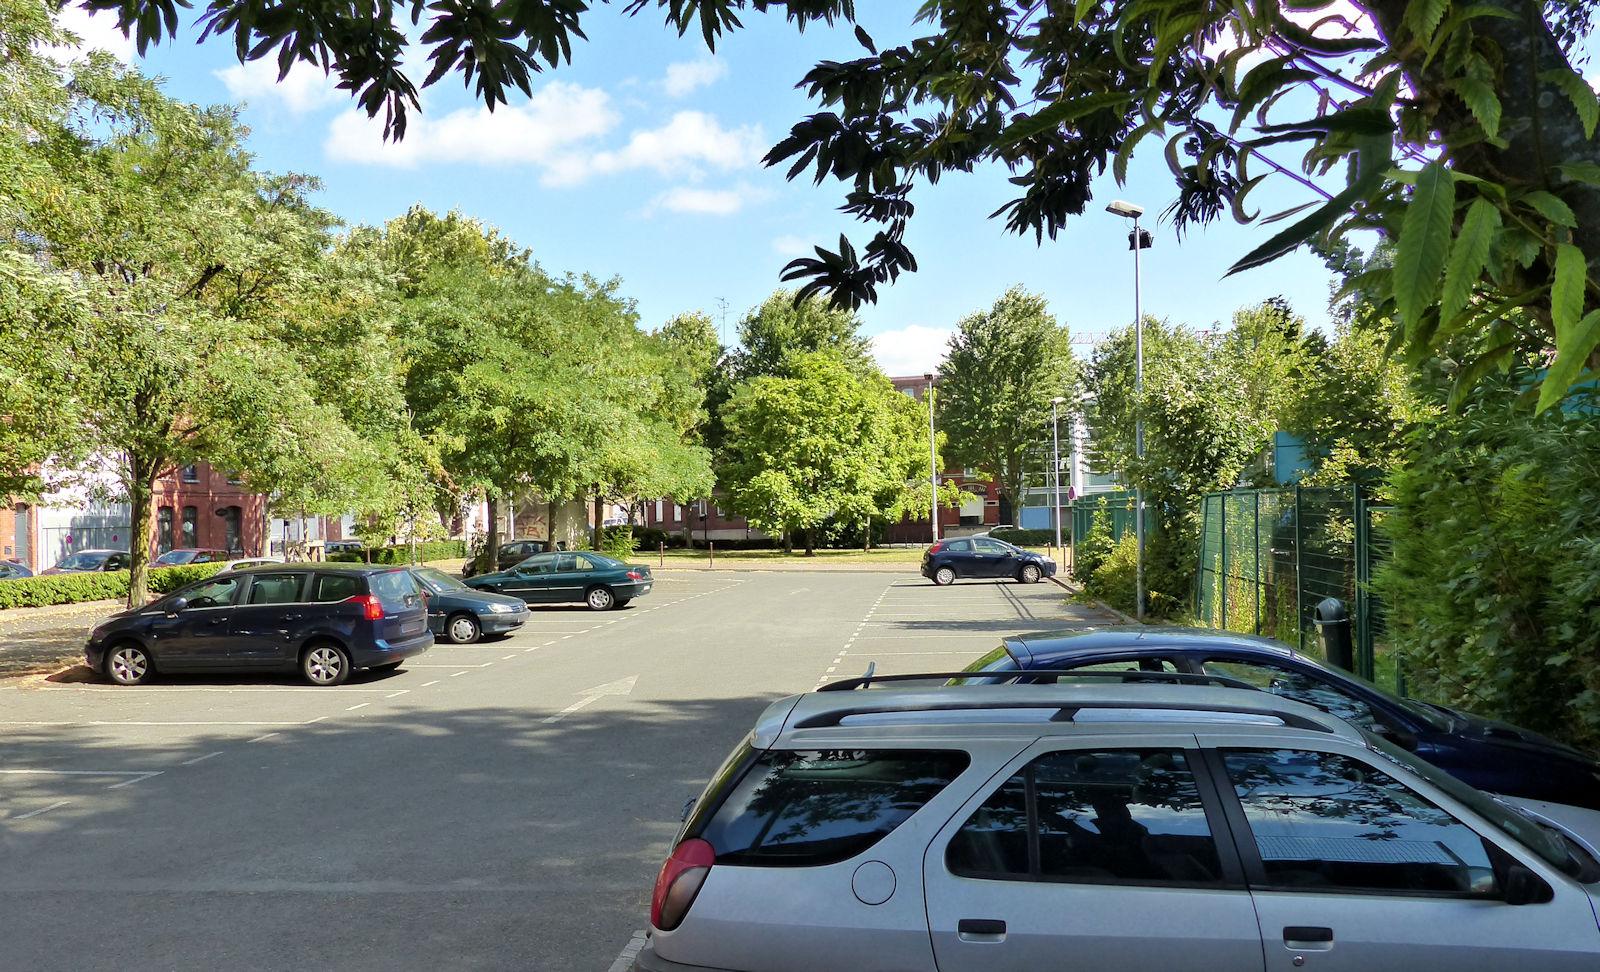 Place Célestin Freinet - Parking, Stationnement Tourcoing